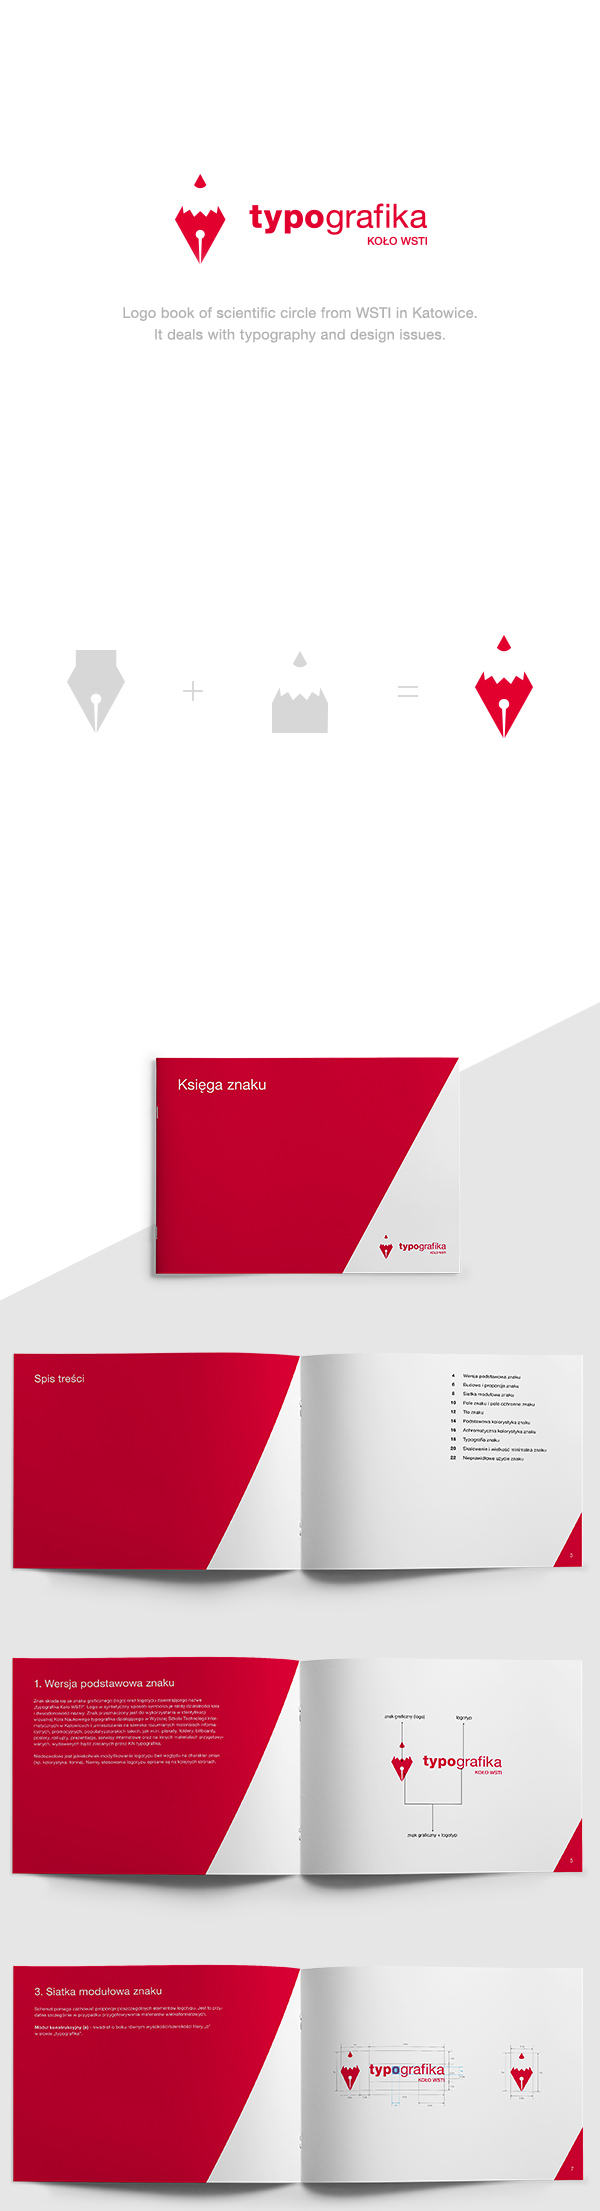 typografika - logo book by Łukasz Ociepka, via Behance